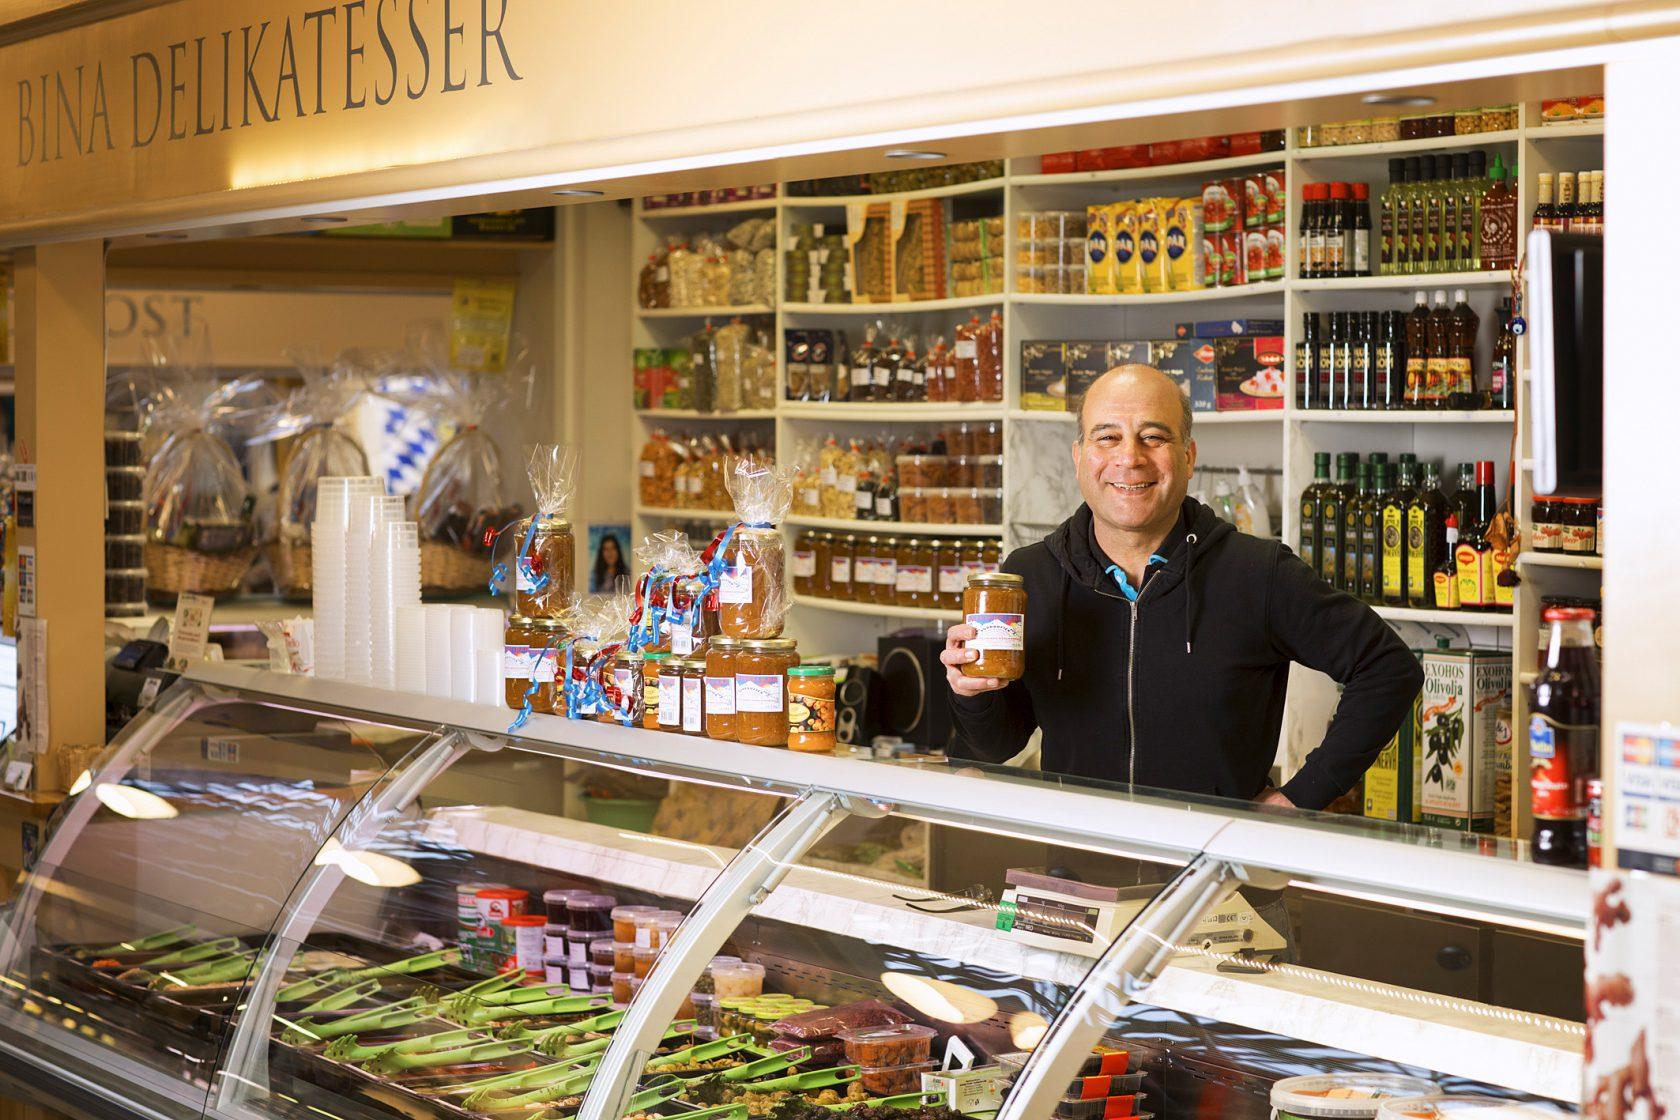 En man står bakom en butiksdisk och håller upp en glasbruk med delikatesser.